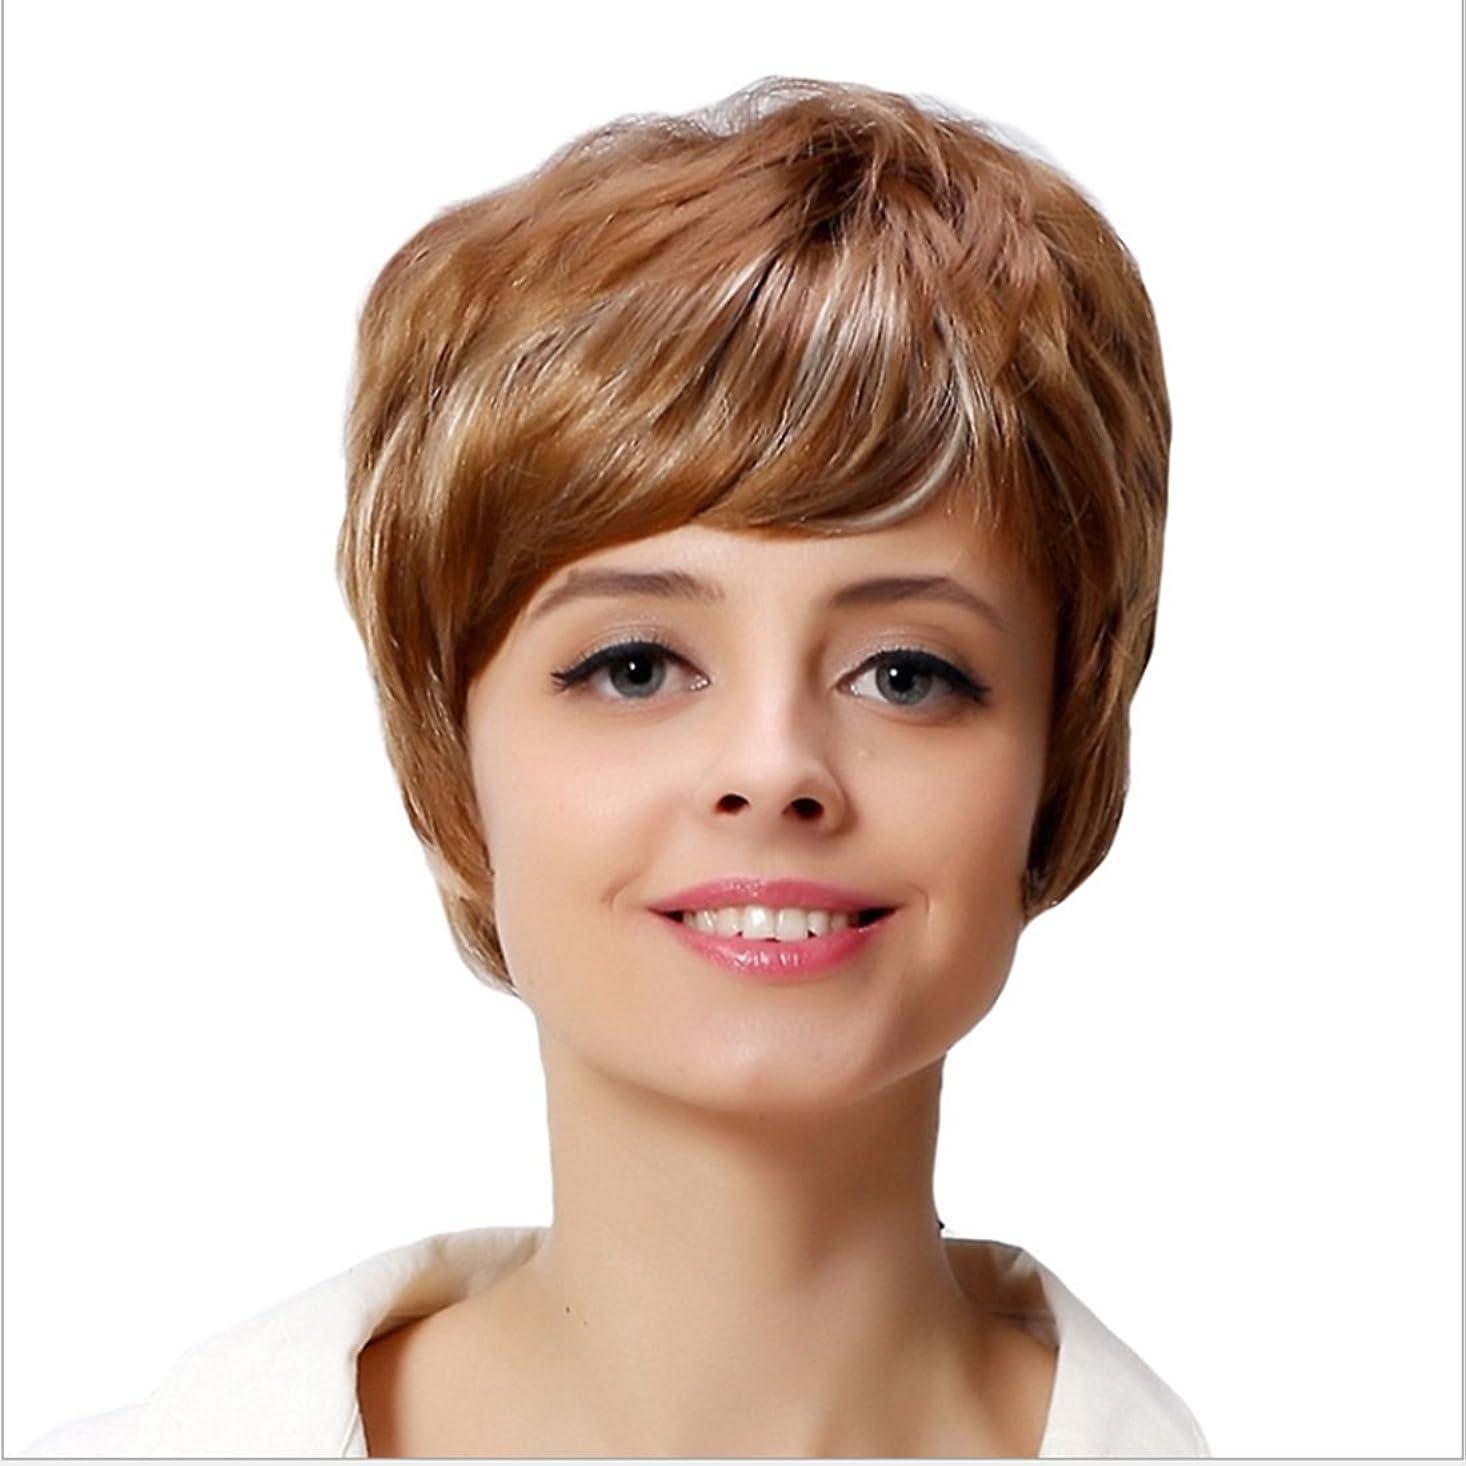 展望台マイクロ廃棄JIANFU 女性のための10inch / 12inchショートウェーブゴールドウィッグ白い女性のためのフラットバンズヘアとカーリー耐熱ウィッグ180g (サイズ : 10inch)